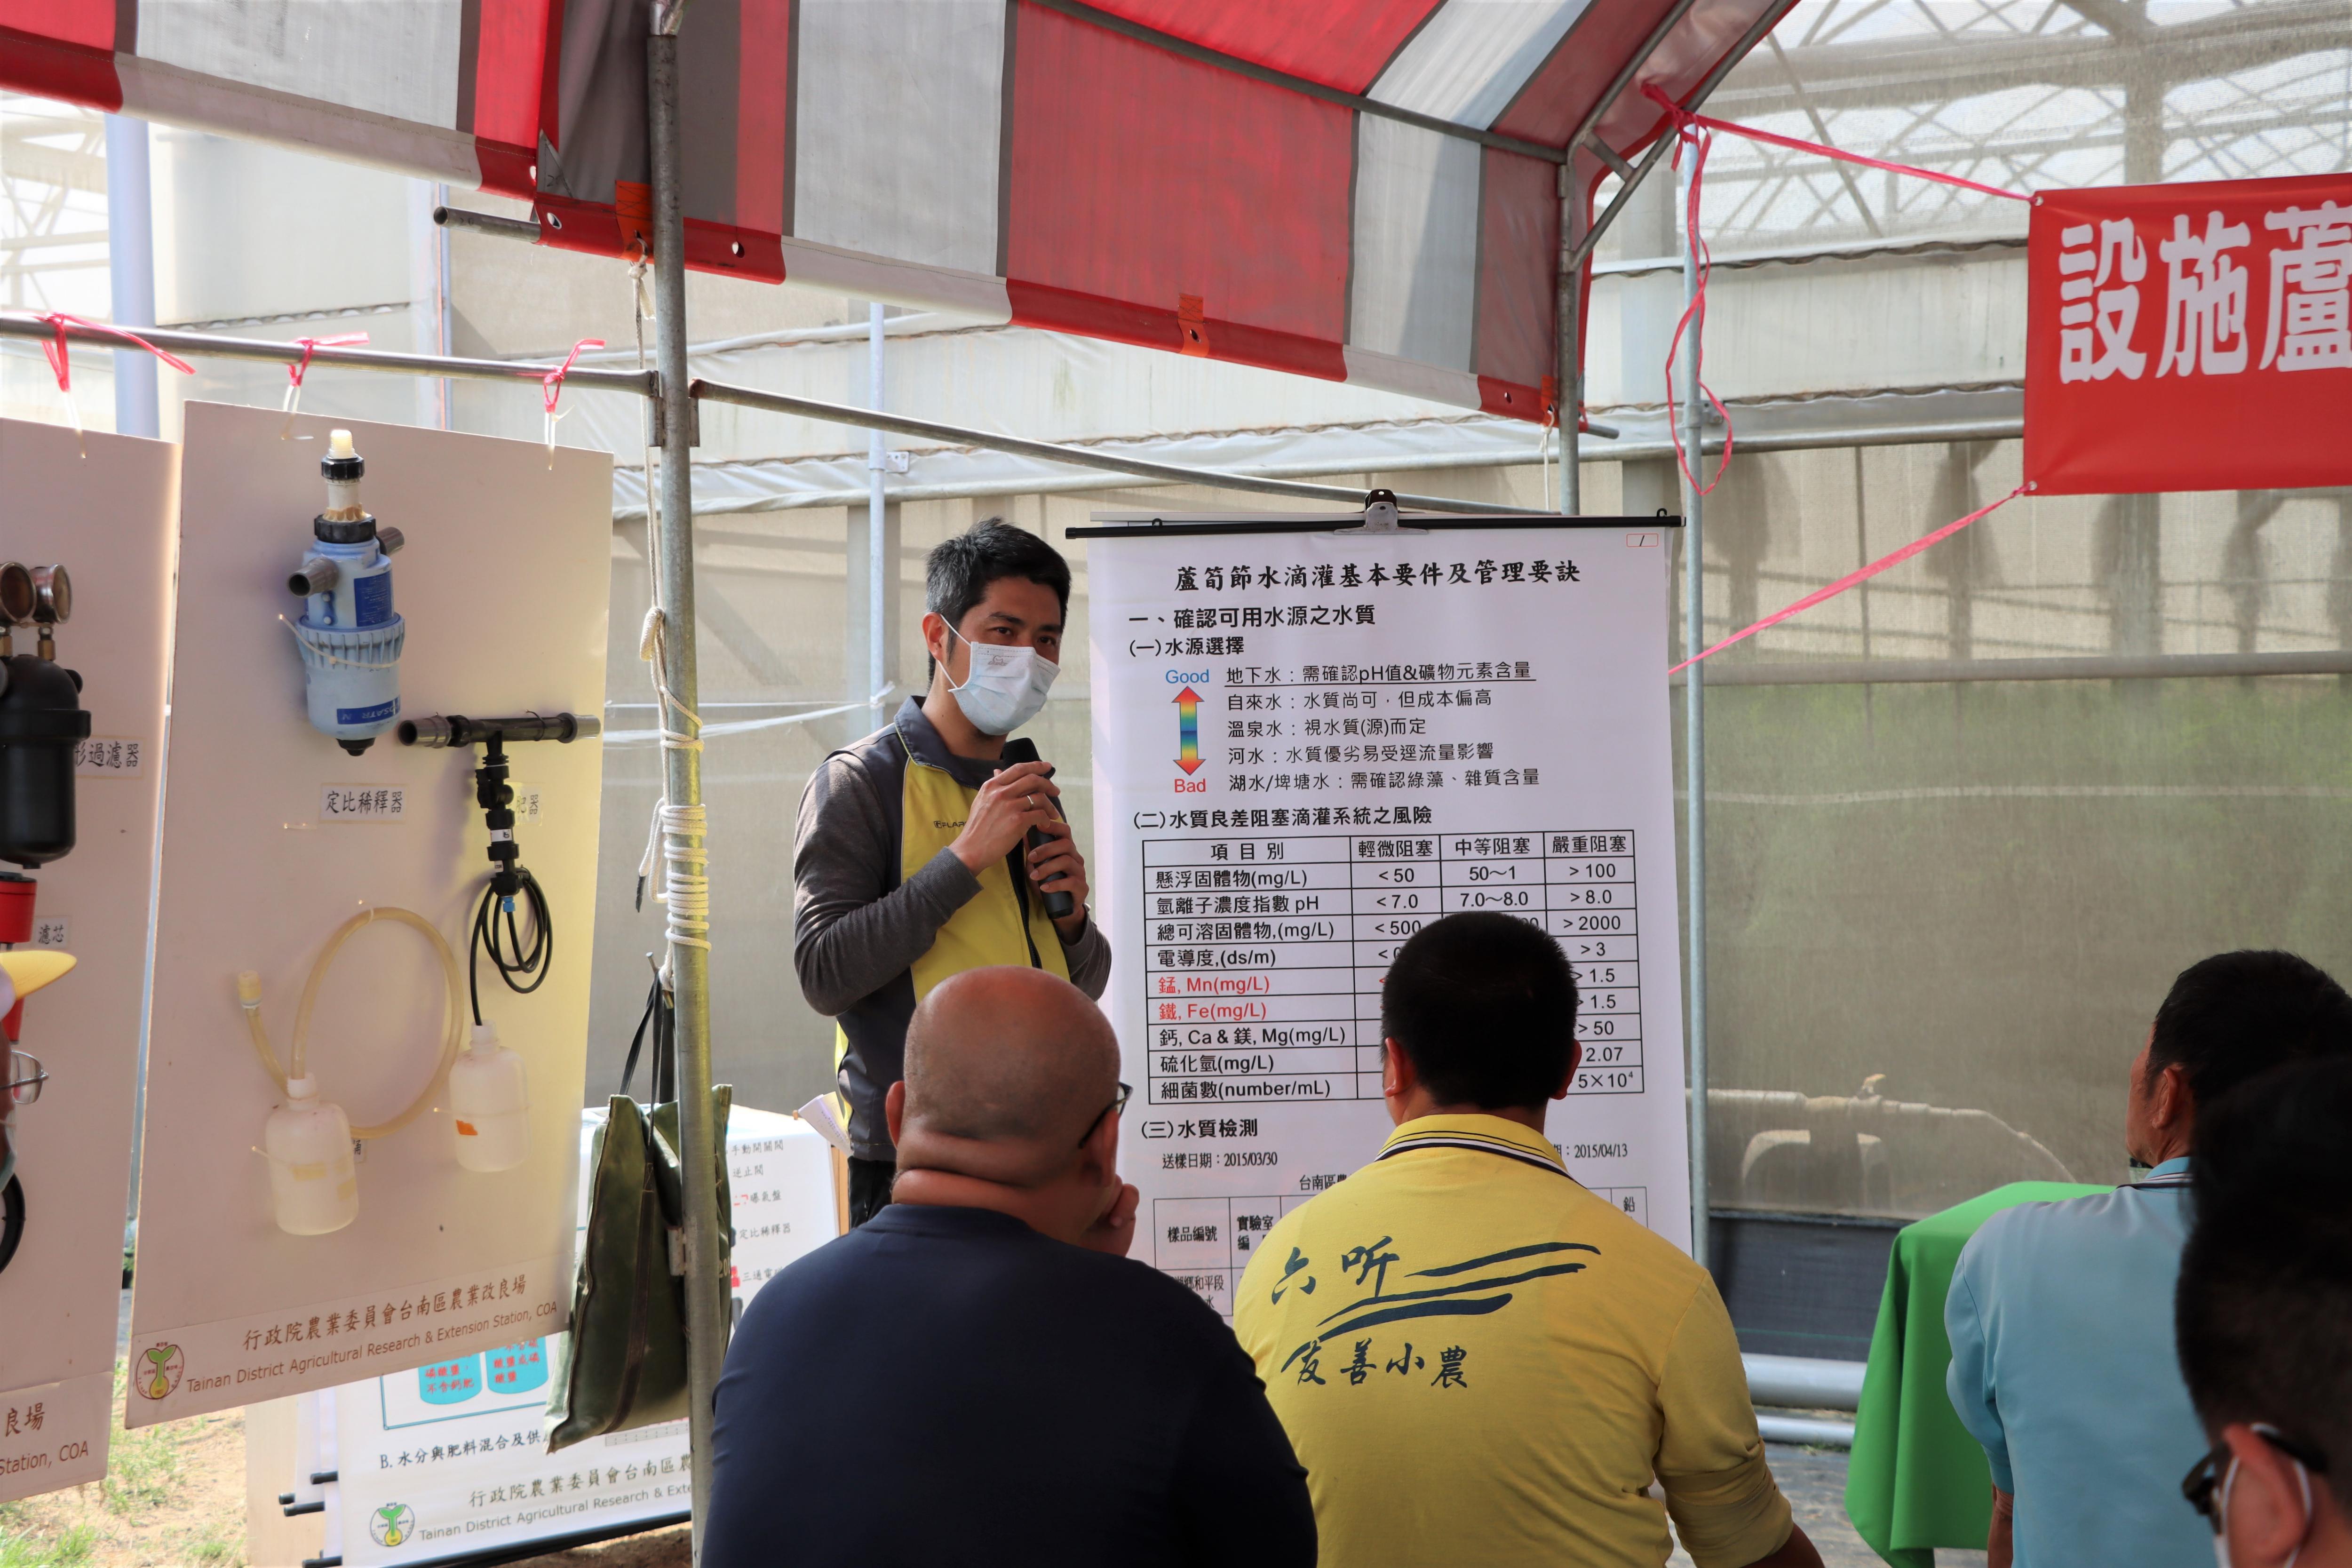 郭明池助理研究員介紹設施蘆筍節水滴灌應用及栽培管理技術